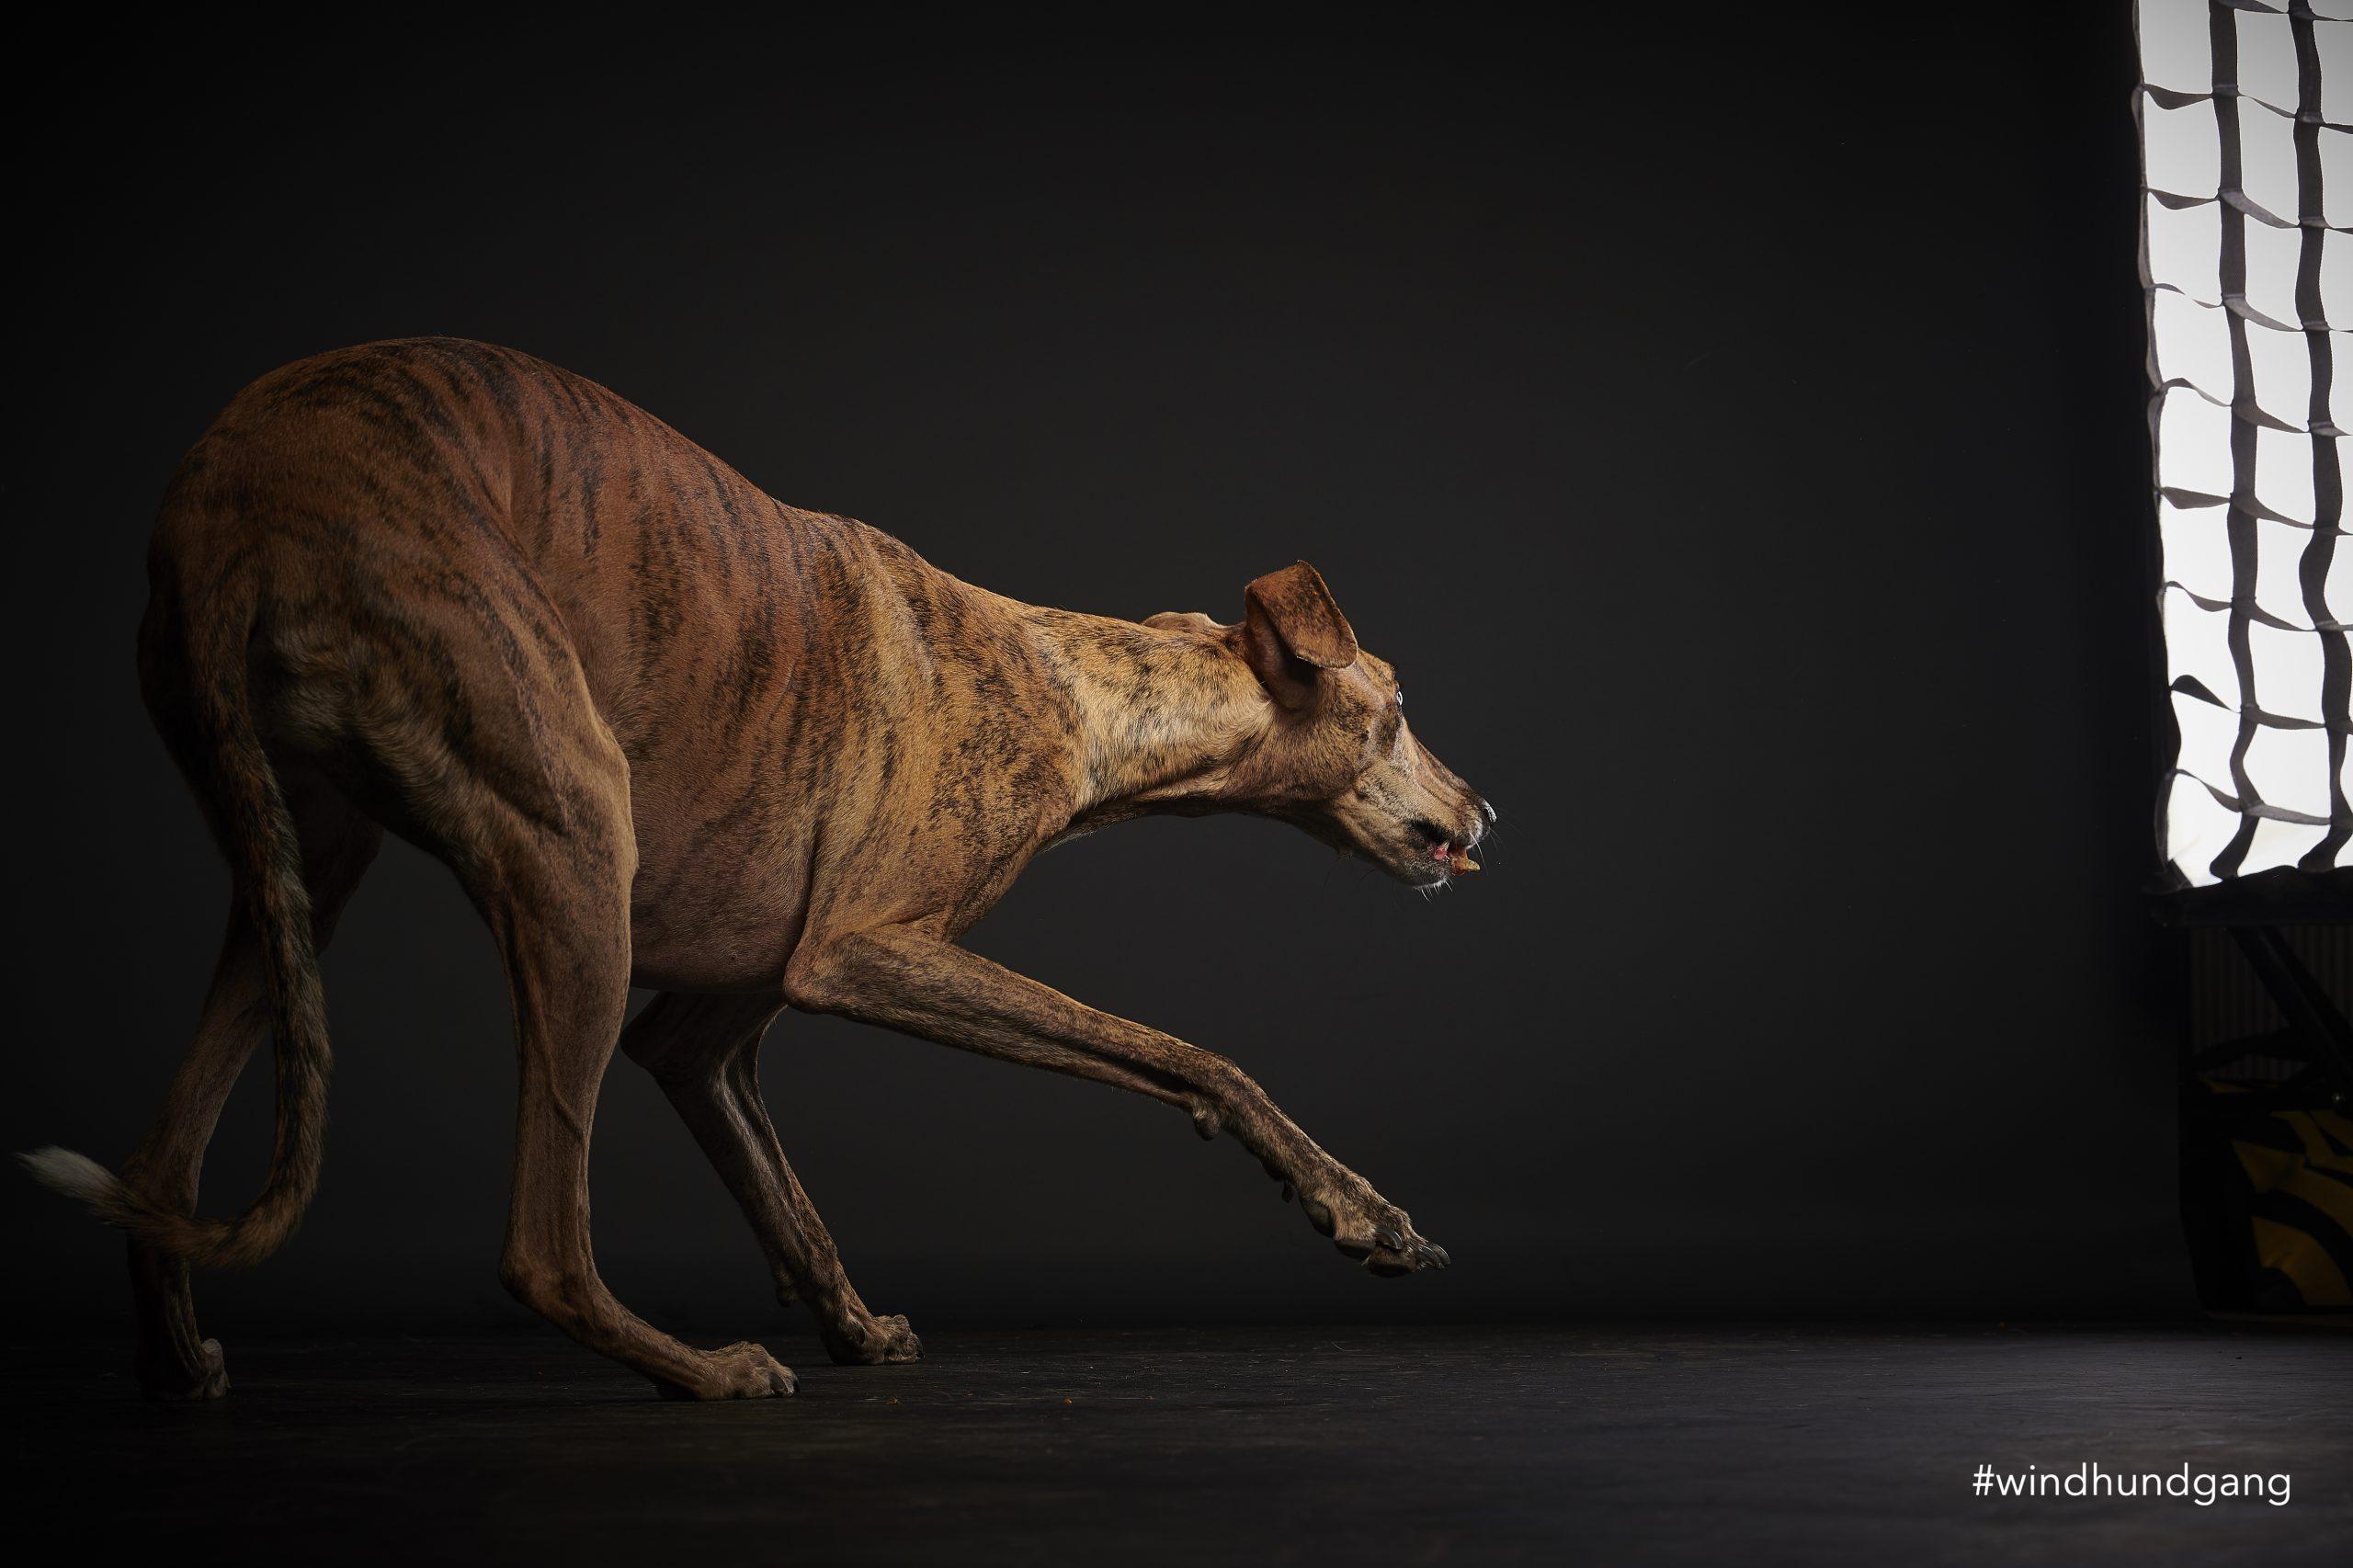 ängstliche Hunde fotografieren